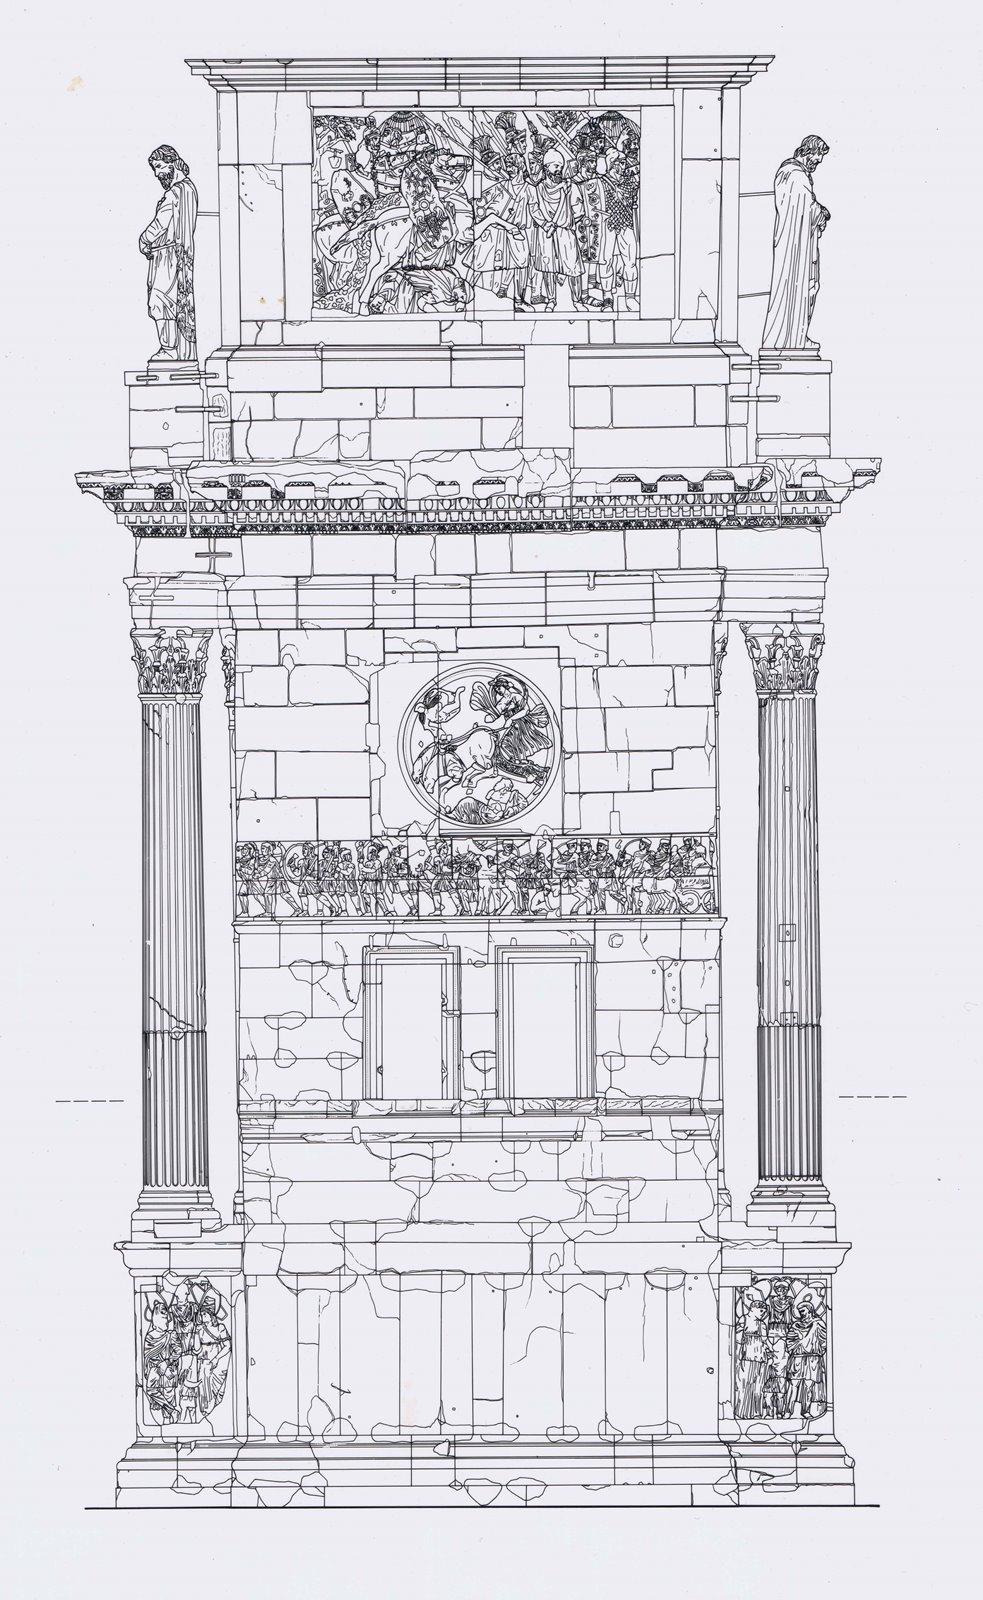 ROMA – ARCO DI COSTANTINO PROSPETTO LATO PALATINO